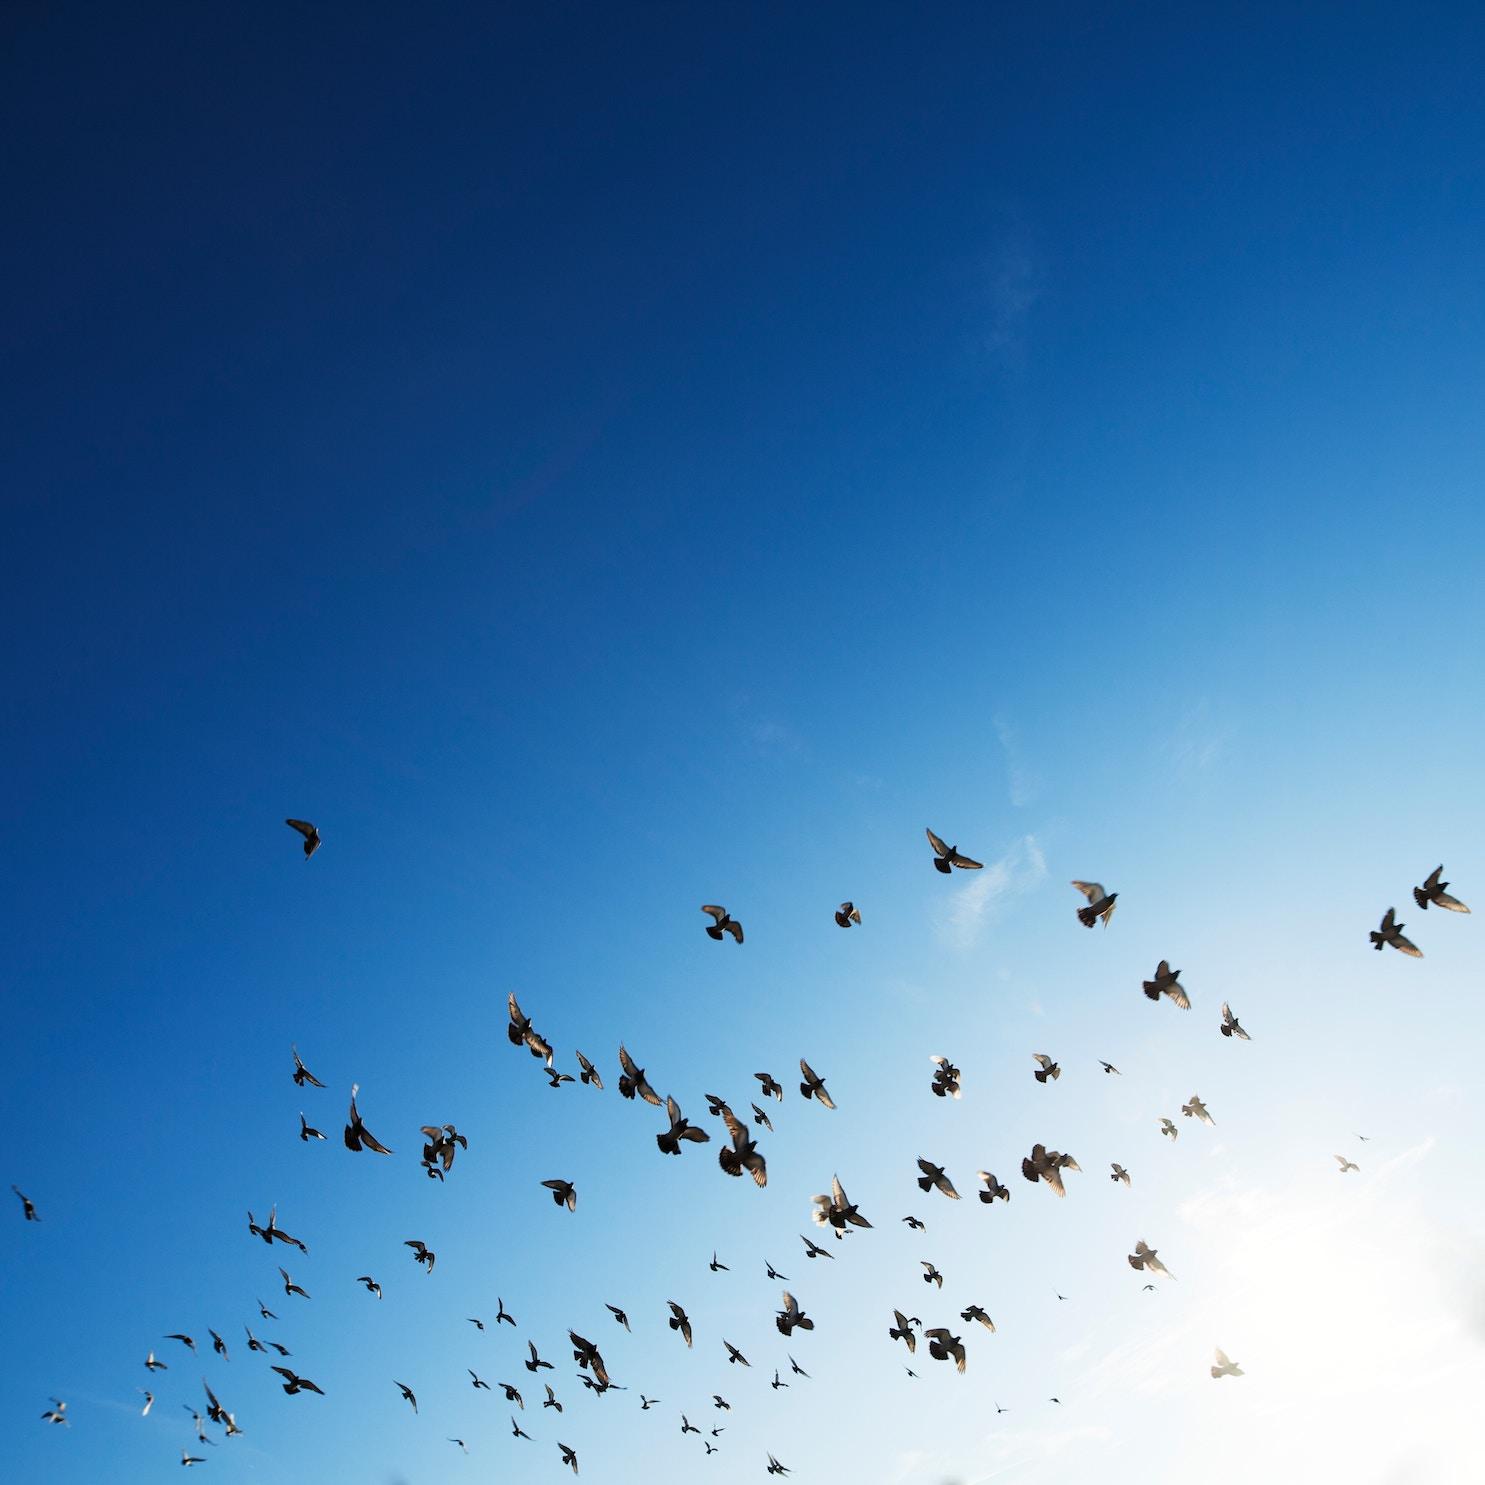 birds flying on a blue sky